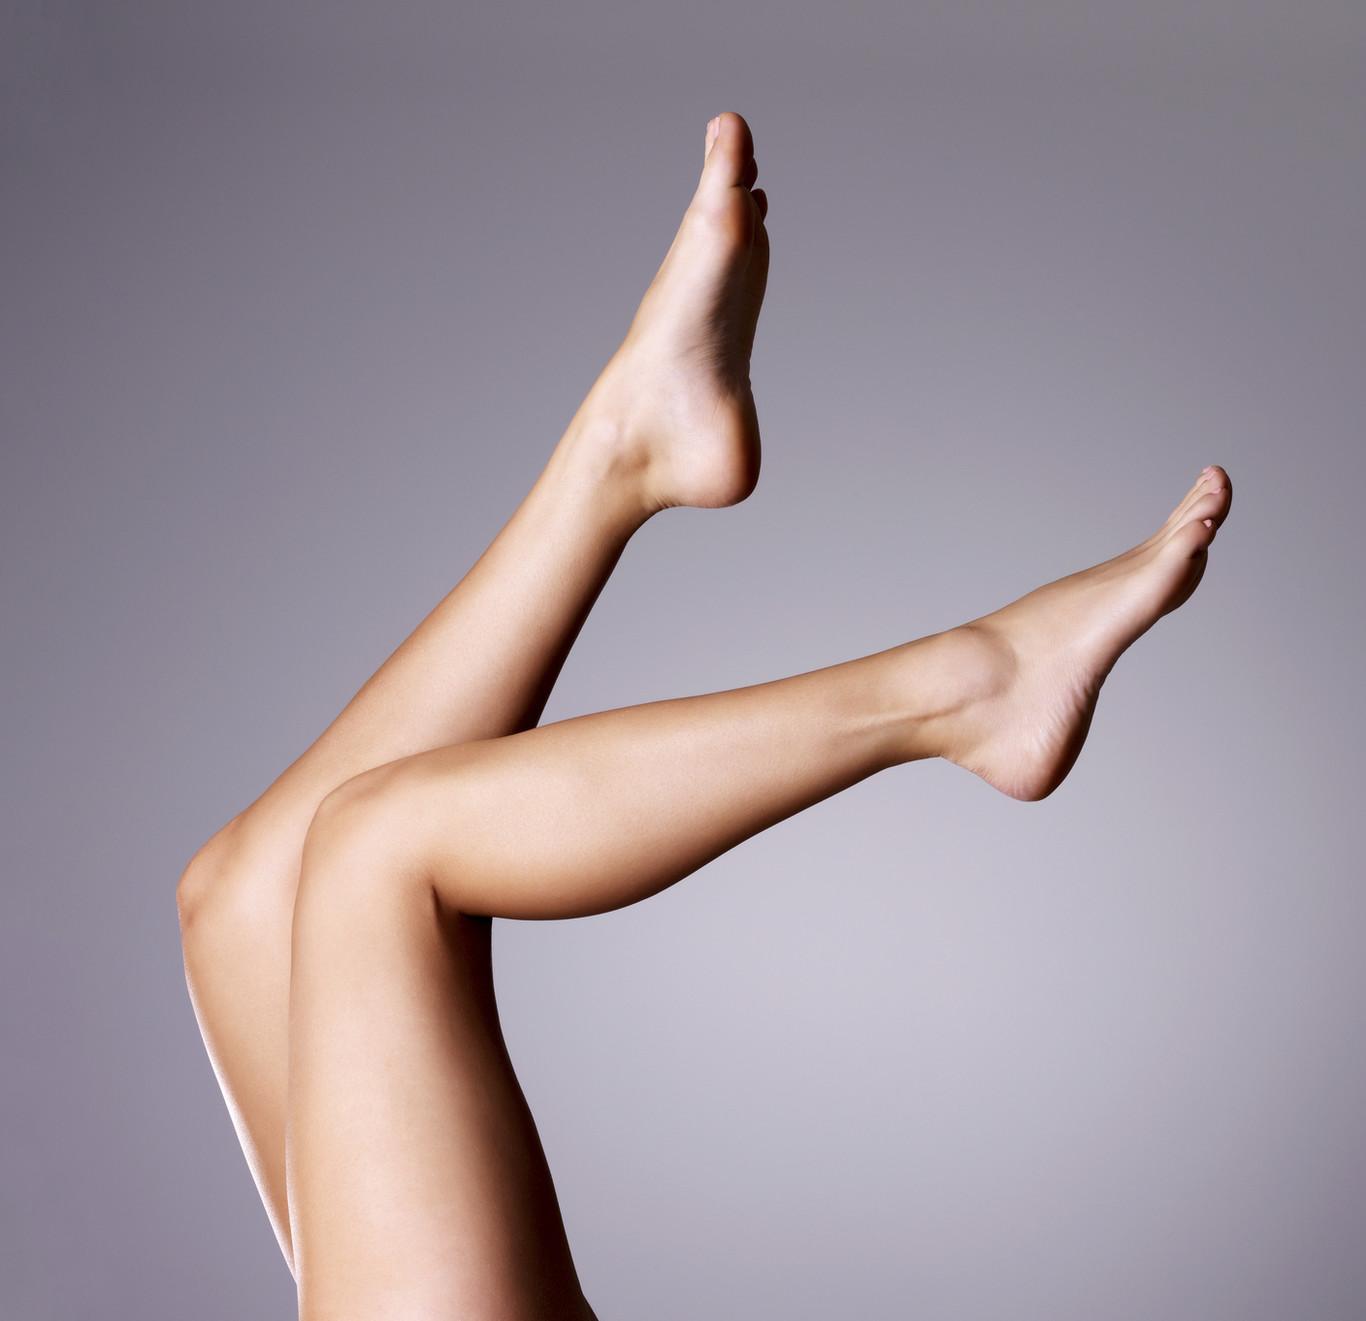 Sobresale la pierna de la duele vena y